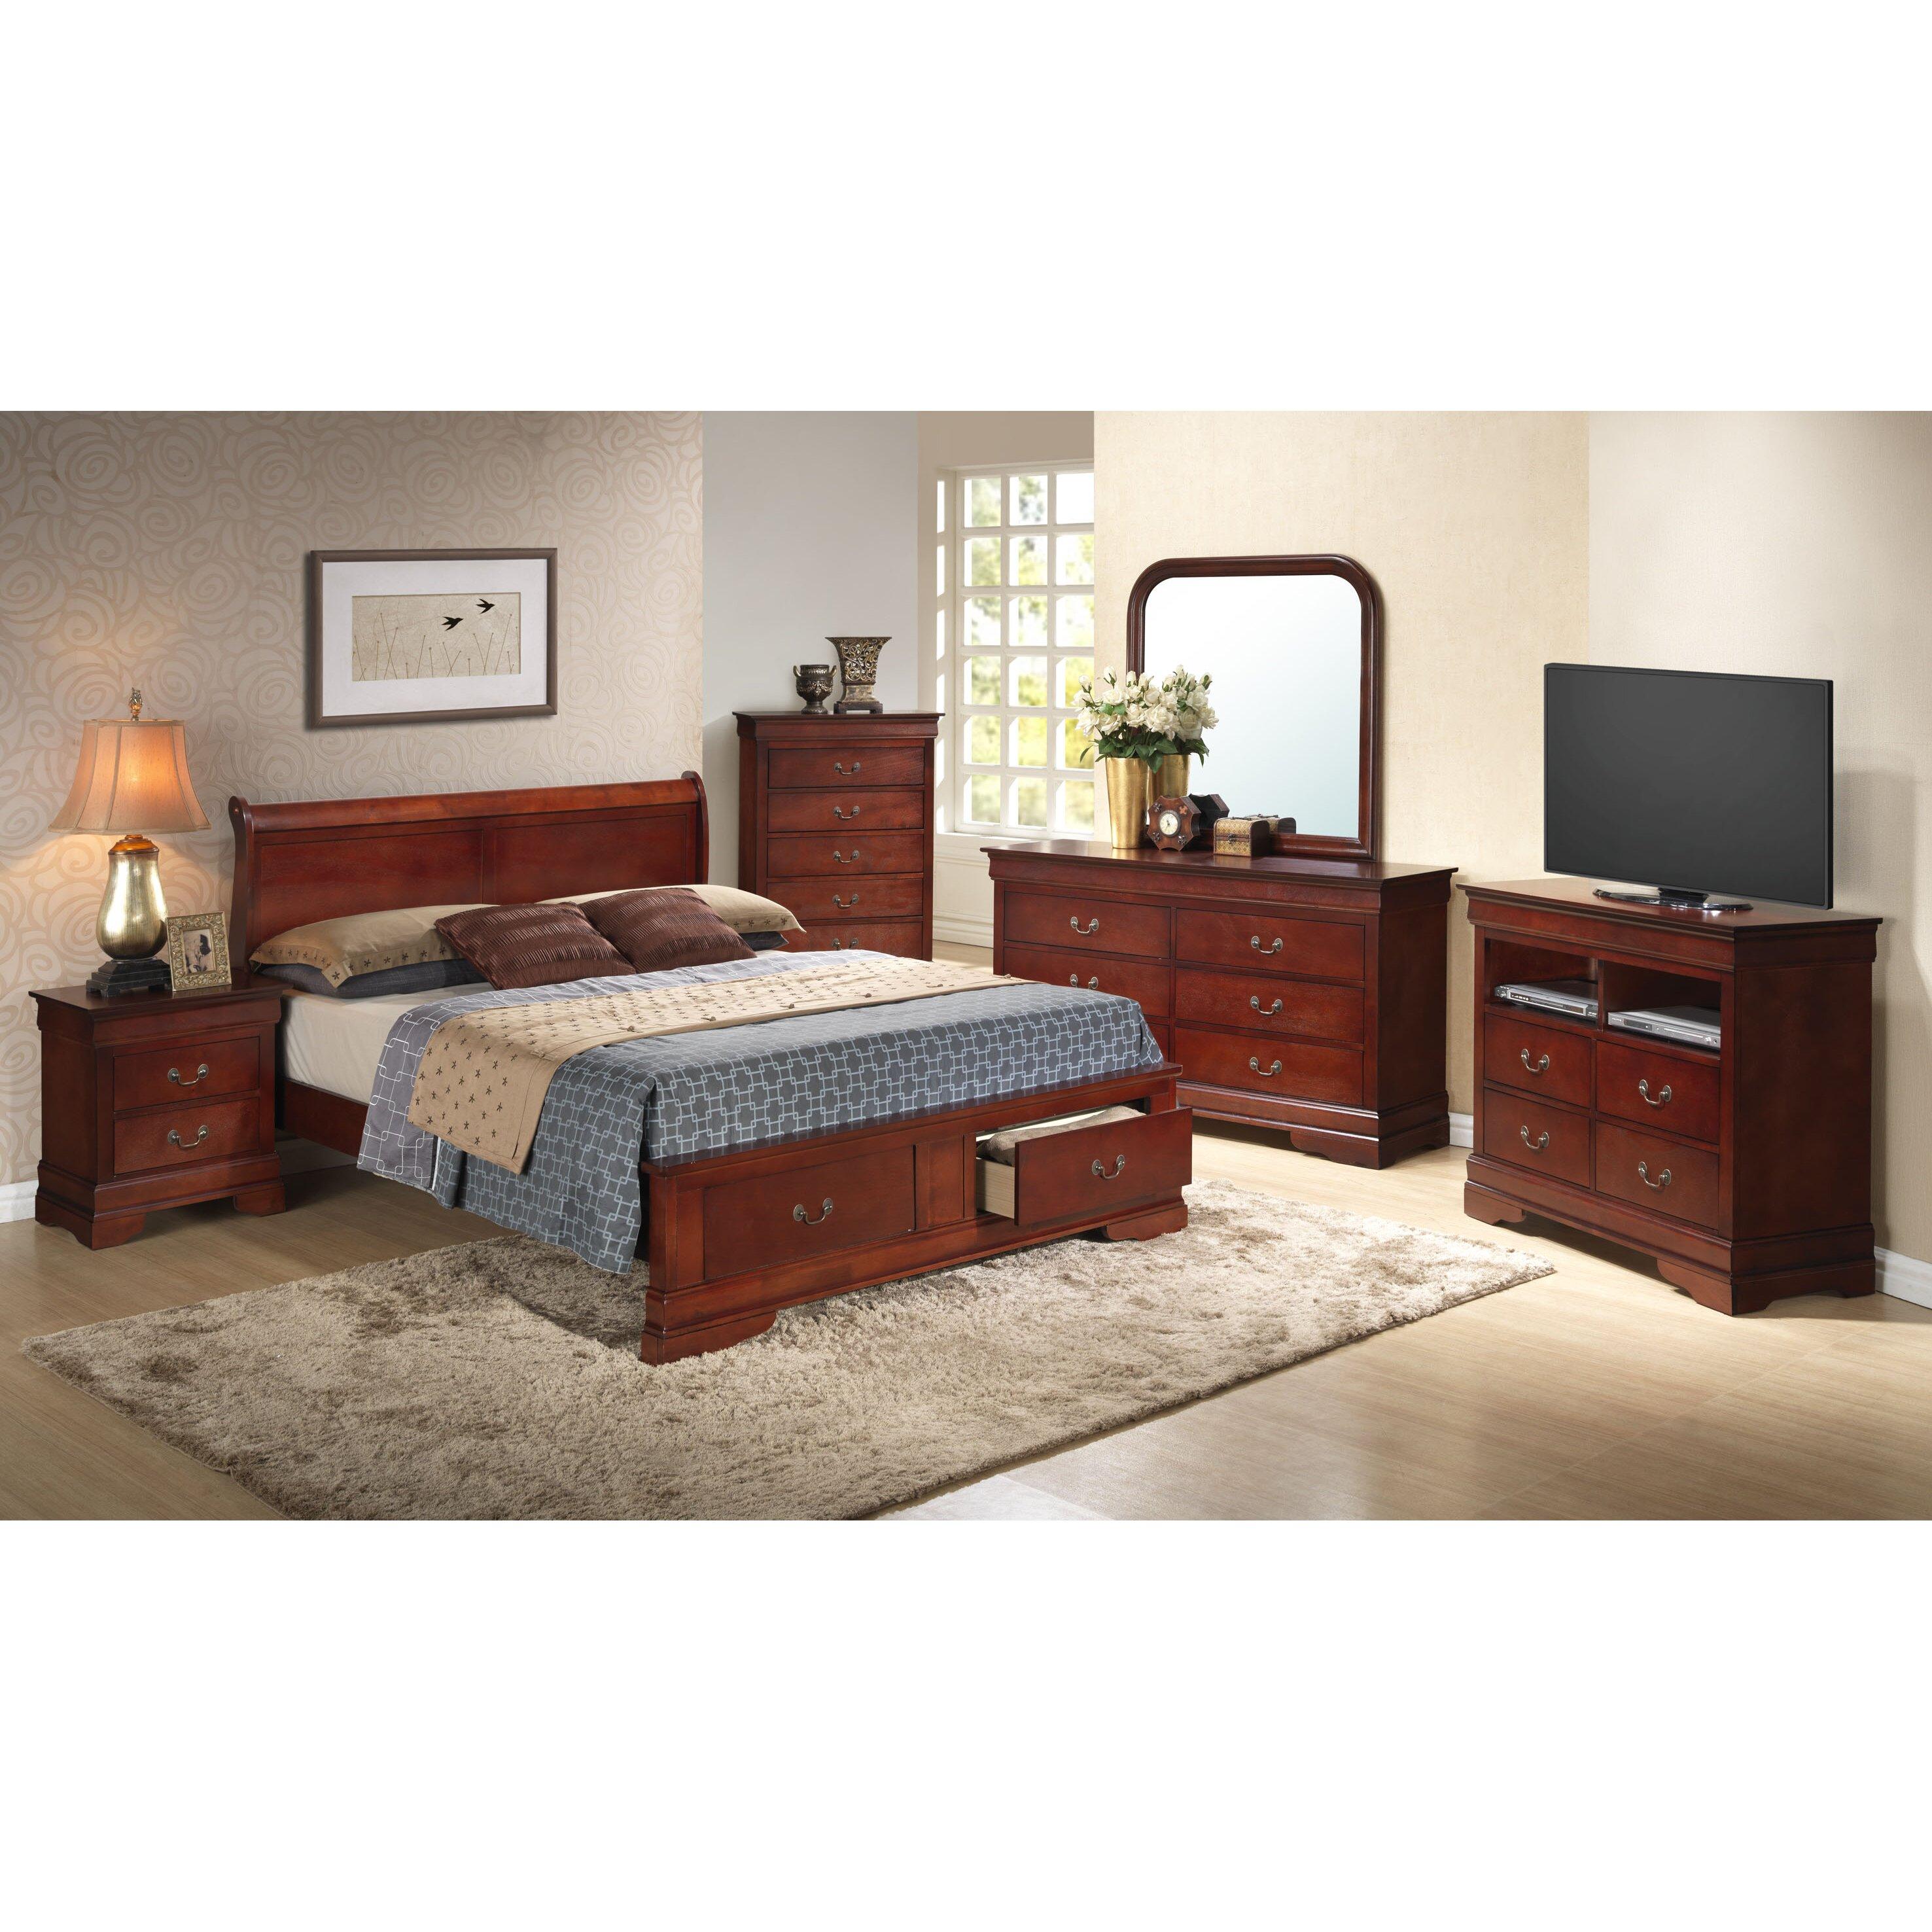 Wayfair Bedroom Furniture: Lark Manor Corbeil Panel Platform Customizable Bedroom Set